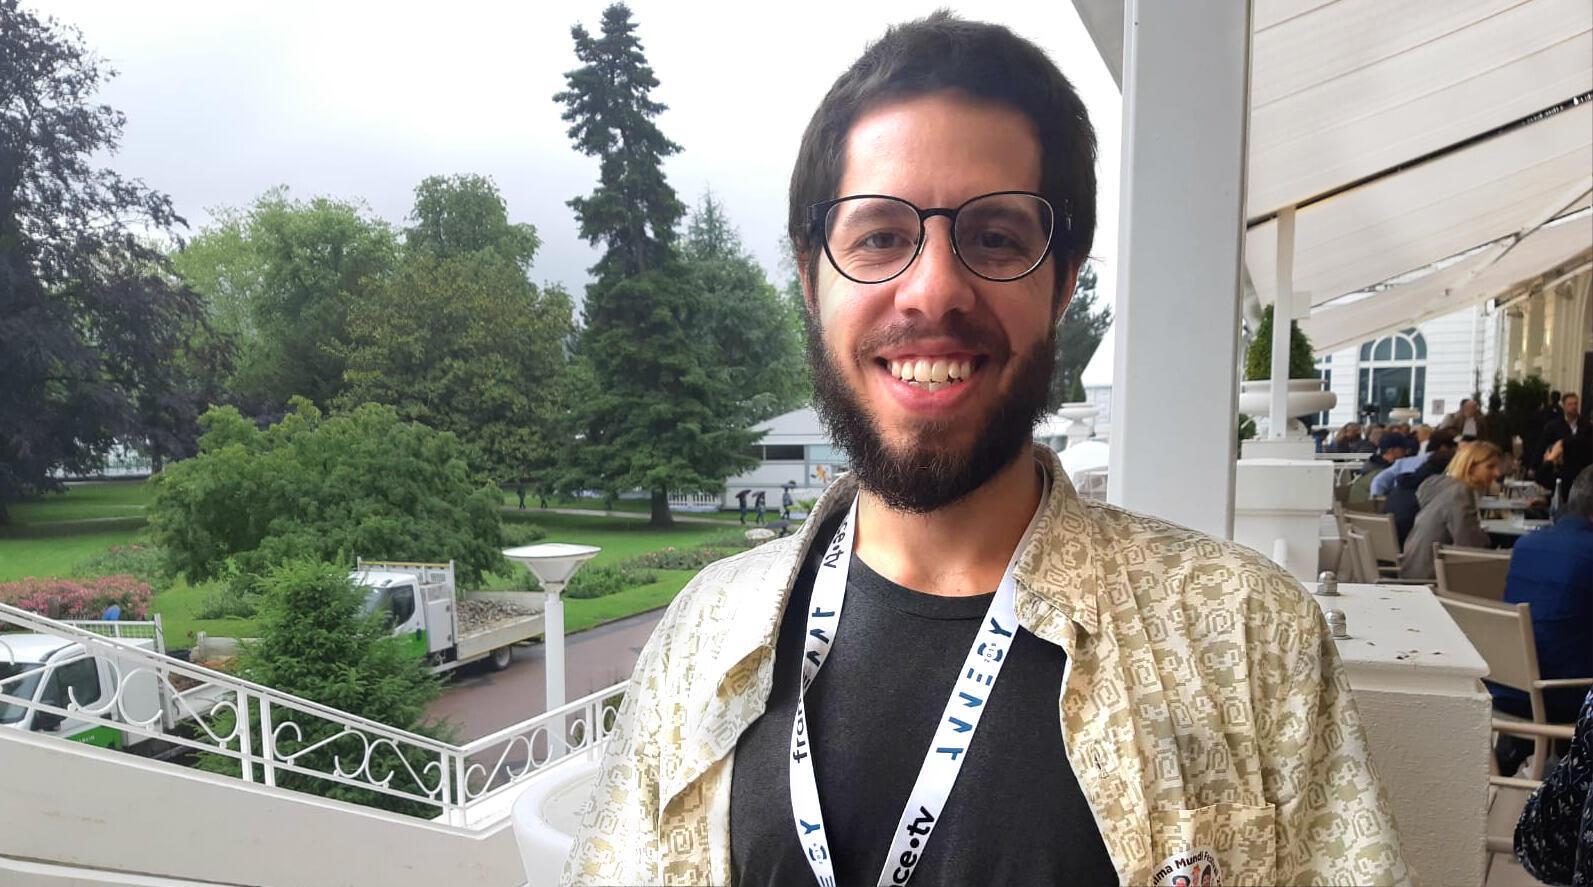 Diretor brasileiro Guto BR, presidente da Associação Brasileira de Cinema de Animação, em Annecy (ABCA), 11/06/2019